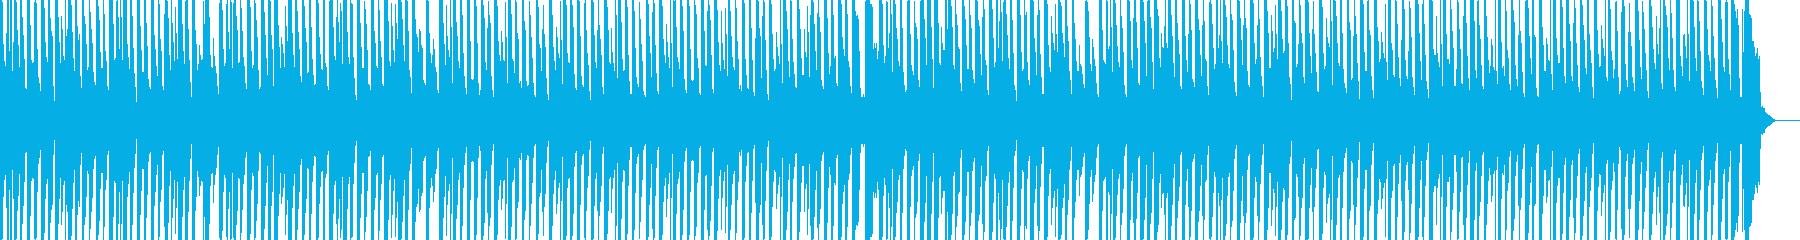 絵本 アニメ かわいいBGM の再生済みの波形